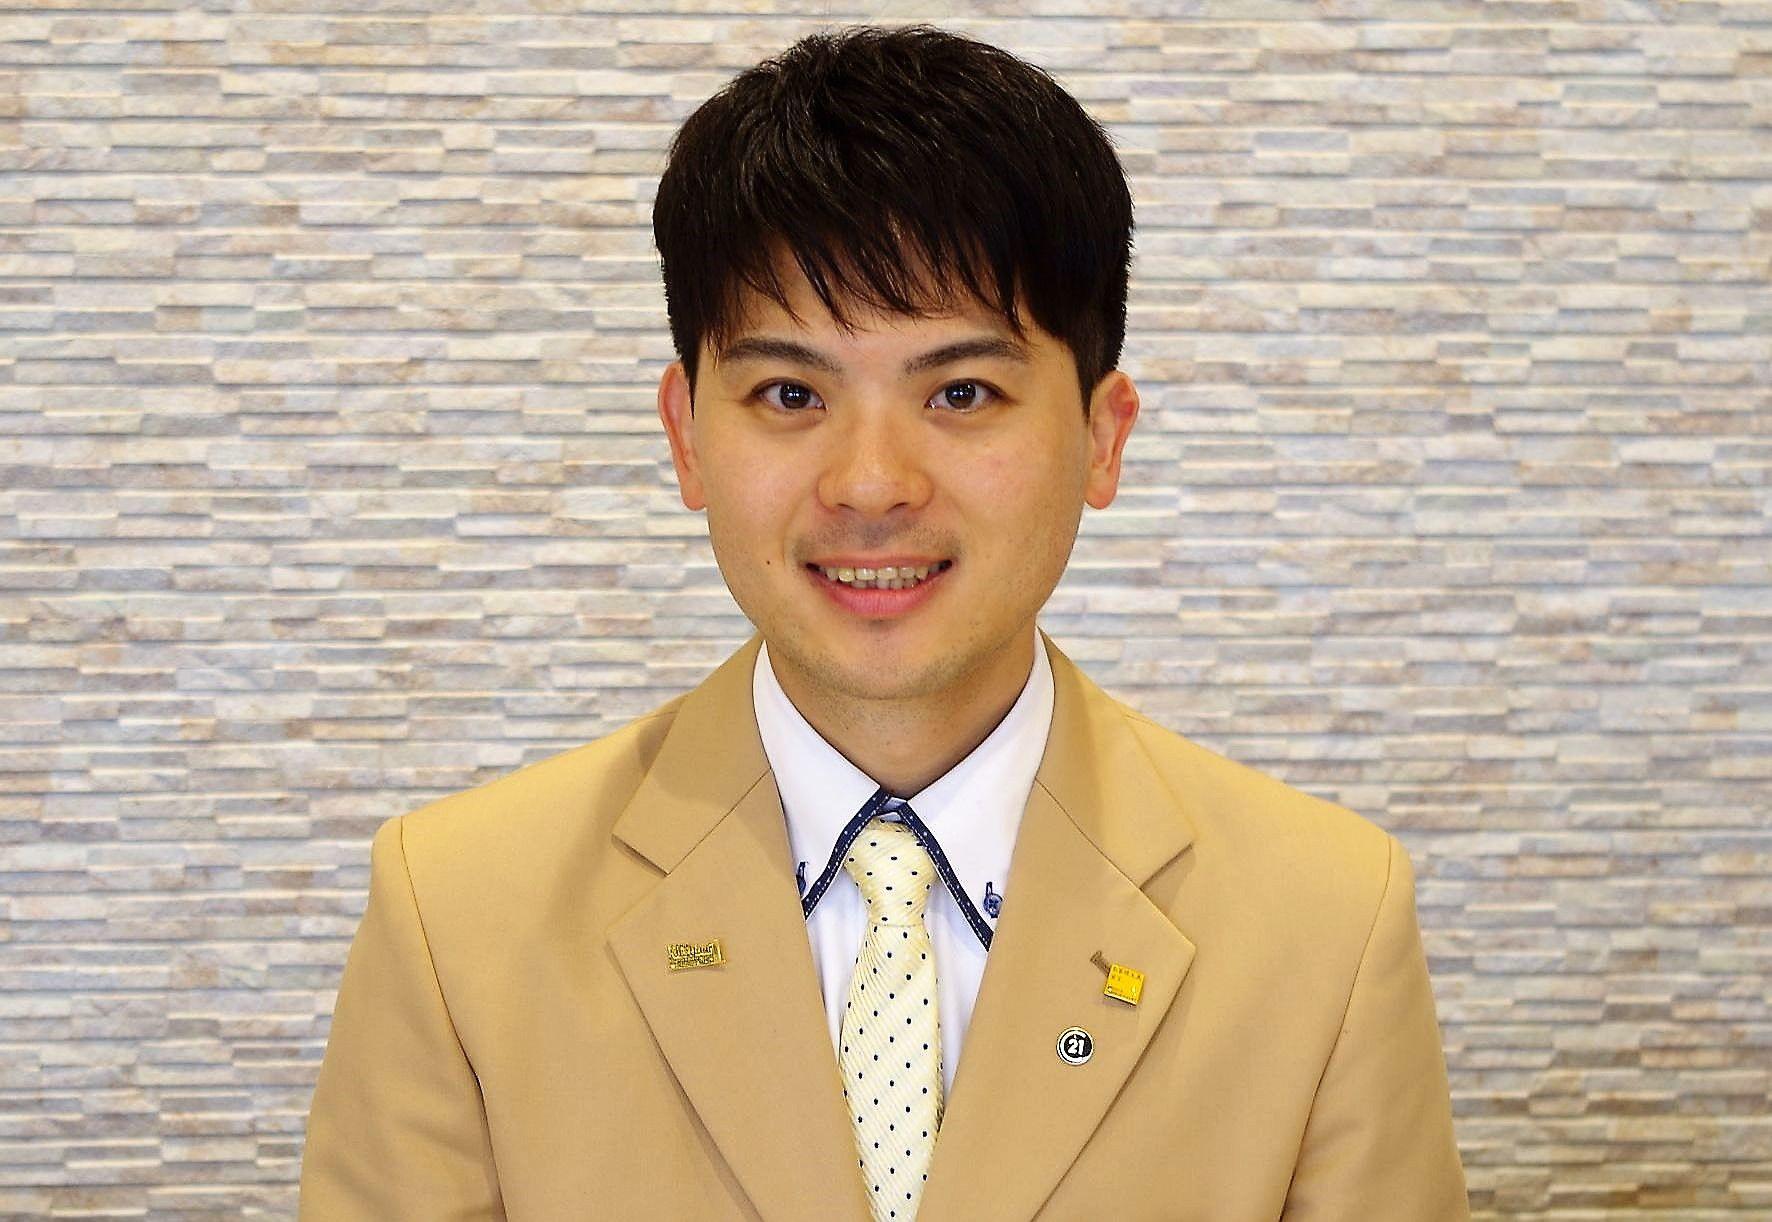 柴田 雄治の写真